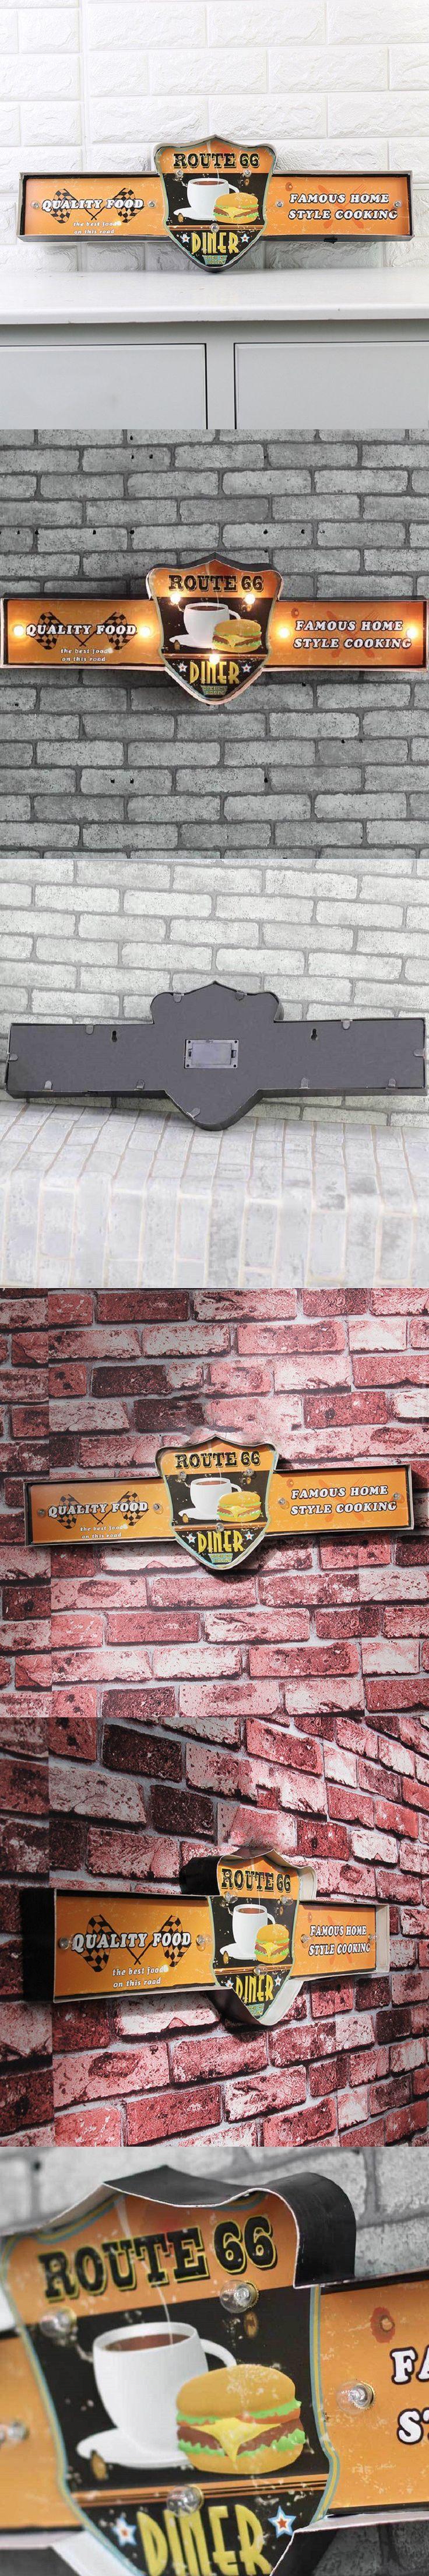 LED Neon Sign Vintage Home Decor Metal Signs Vintage Placa Decorativa Beer Cerveja cafe bar decorative painted wall crafts Sign $65.74